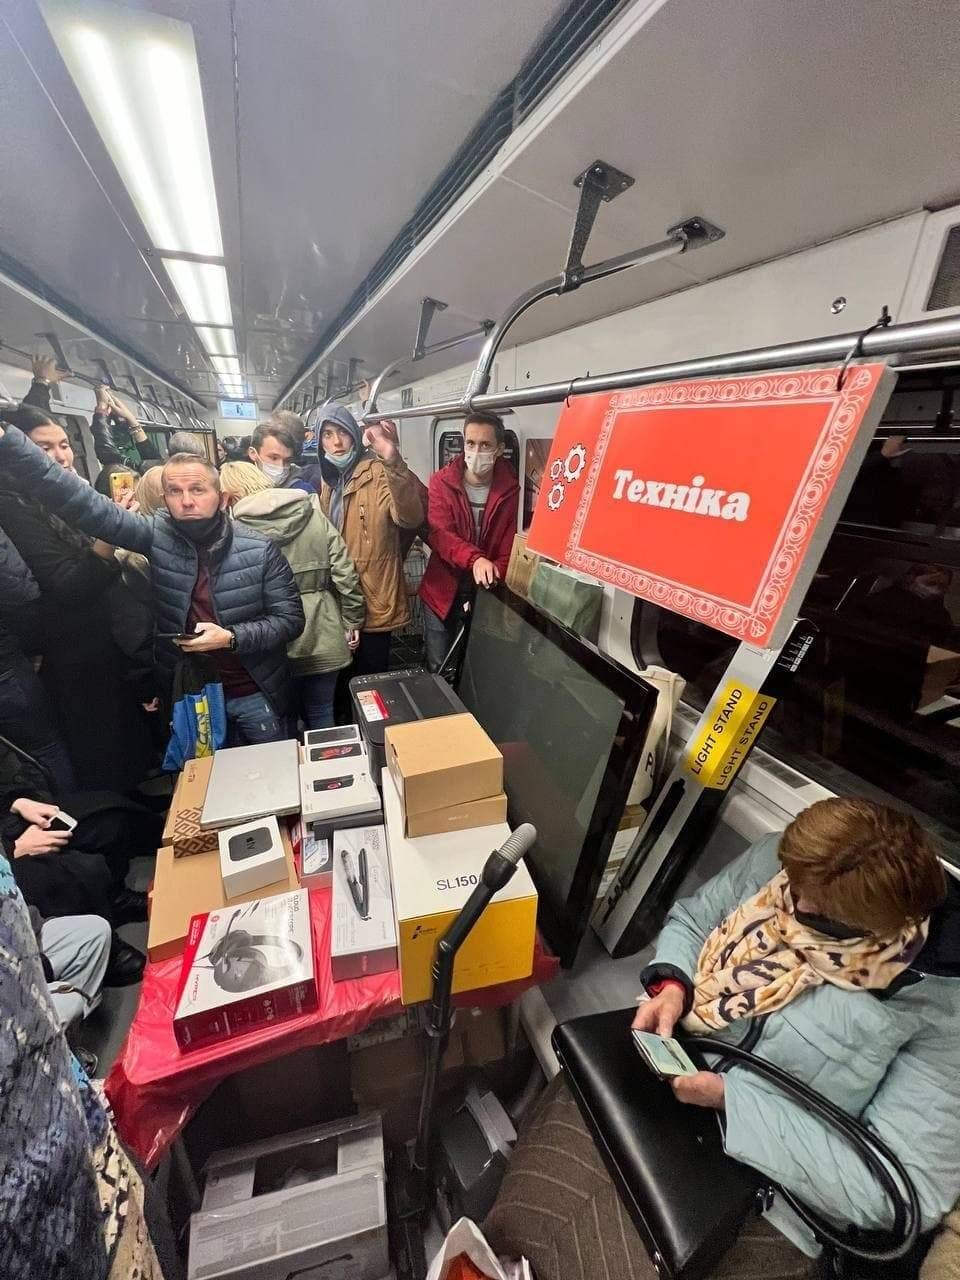 Маникюрный салон, базар и барбершоп: в киевском метро устроили акцию против нелегальной торговли (ФОТО) - фото №2